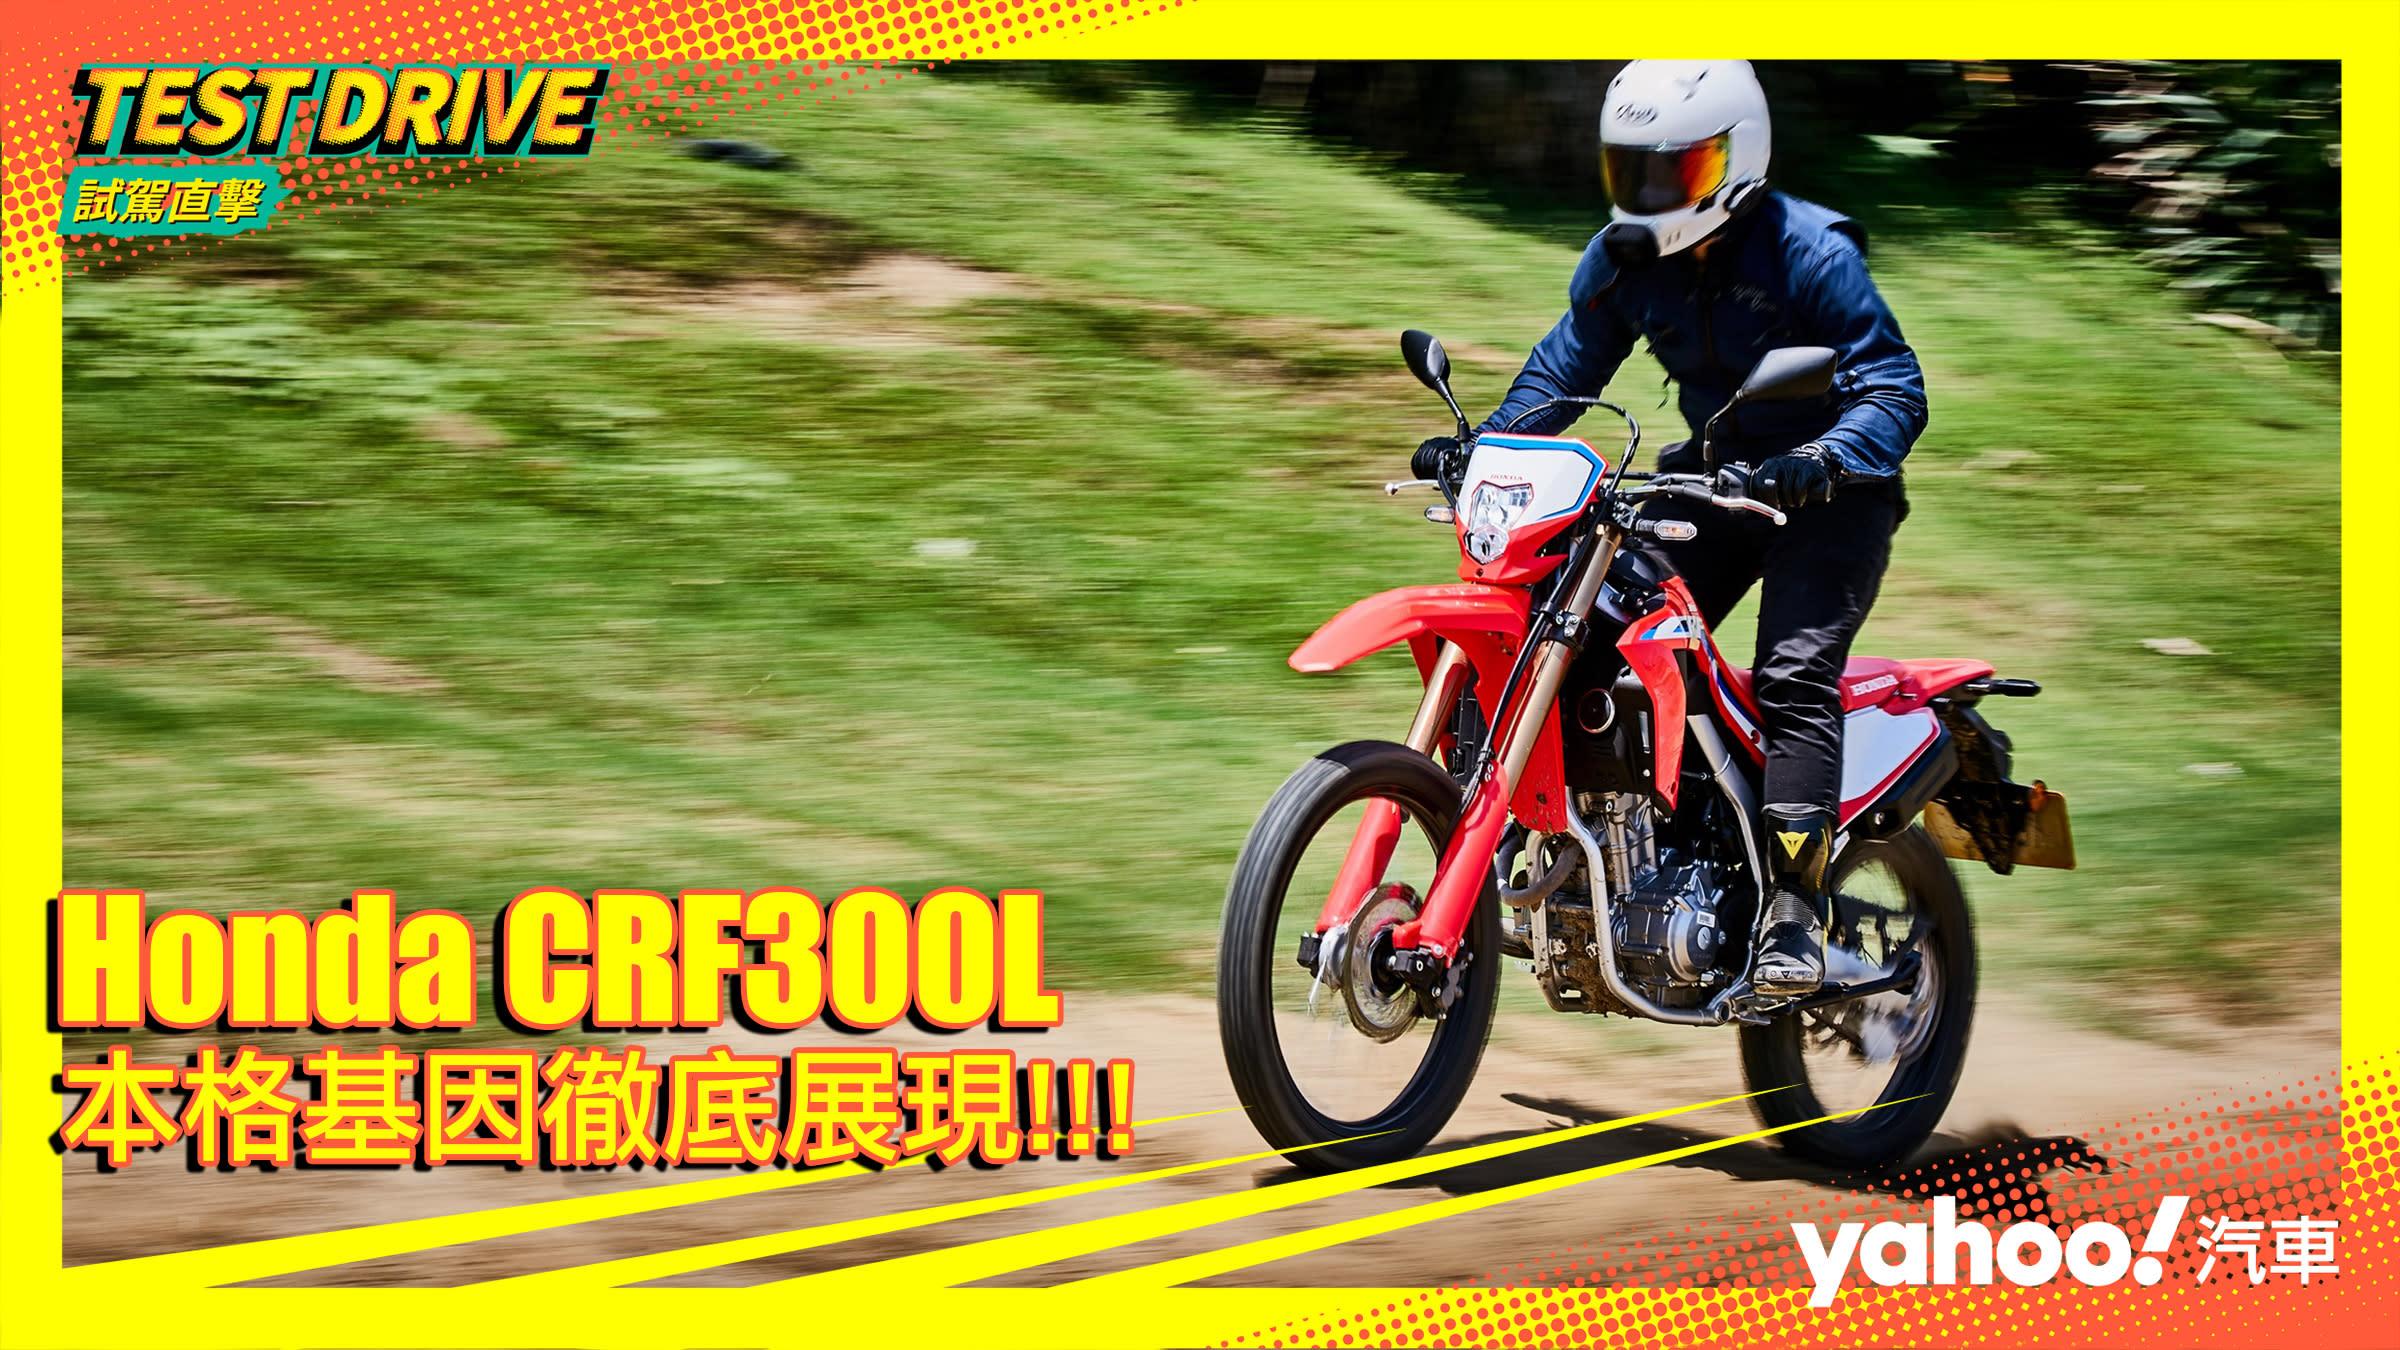 【試駕直擊】2021 Honda CRF300L越野試駕!本格派基因徹底展現!